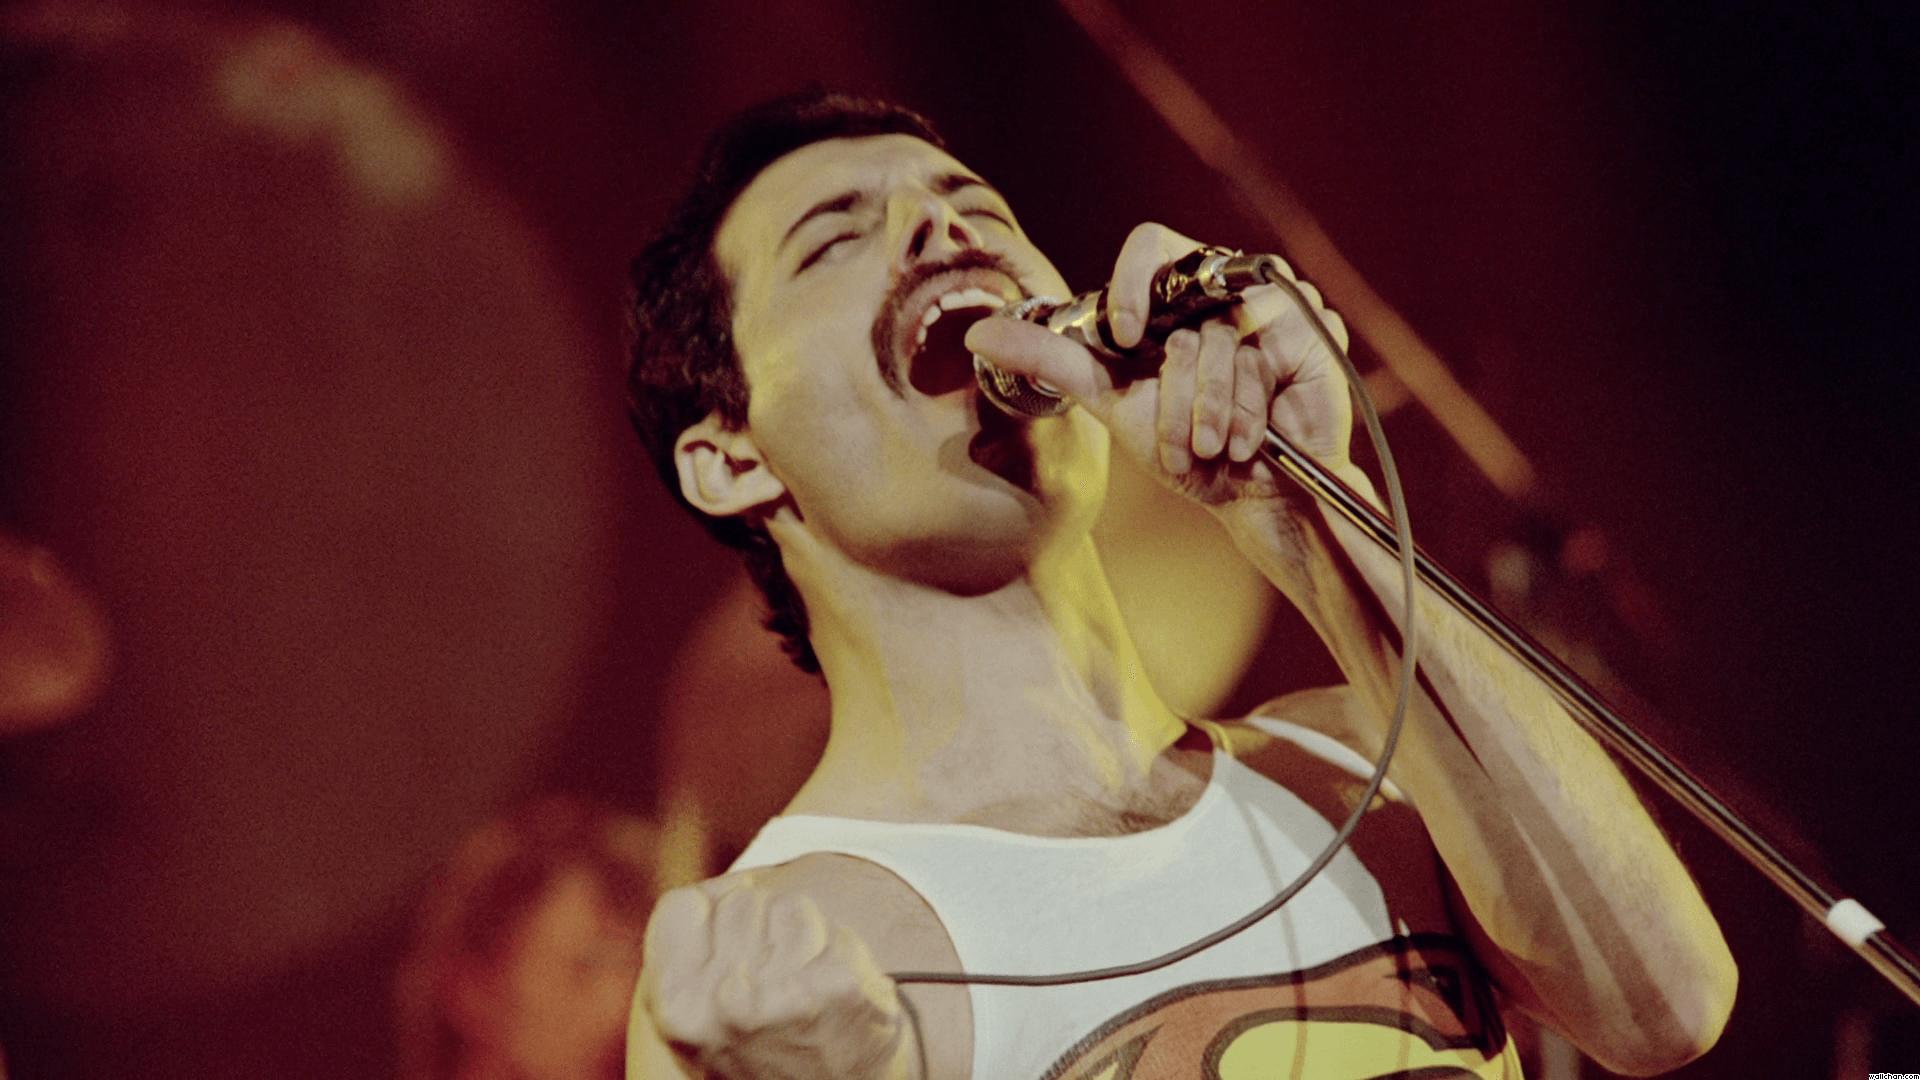 Freddie Mercury Hd Wallpapers 7wallpapers Net